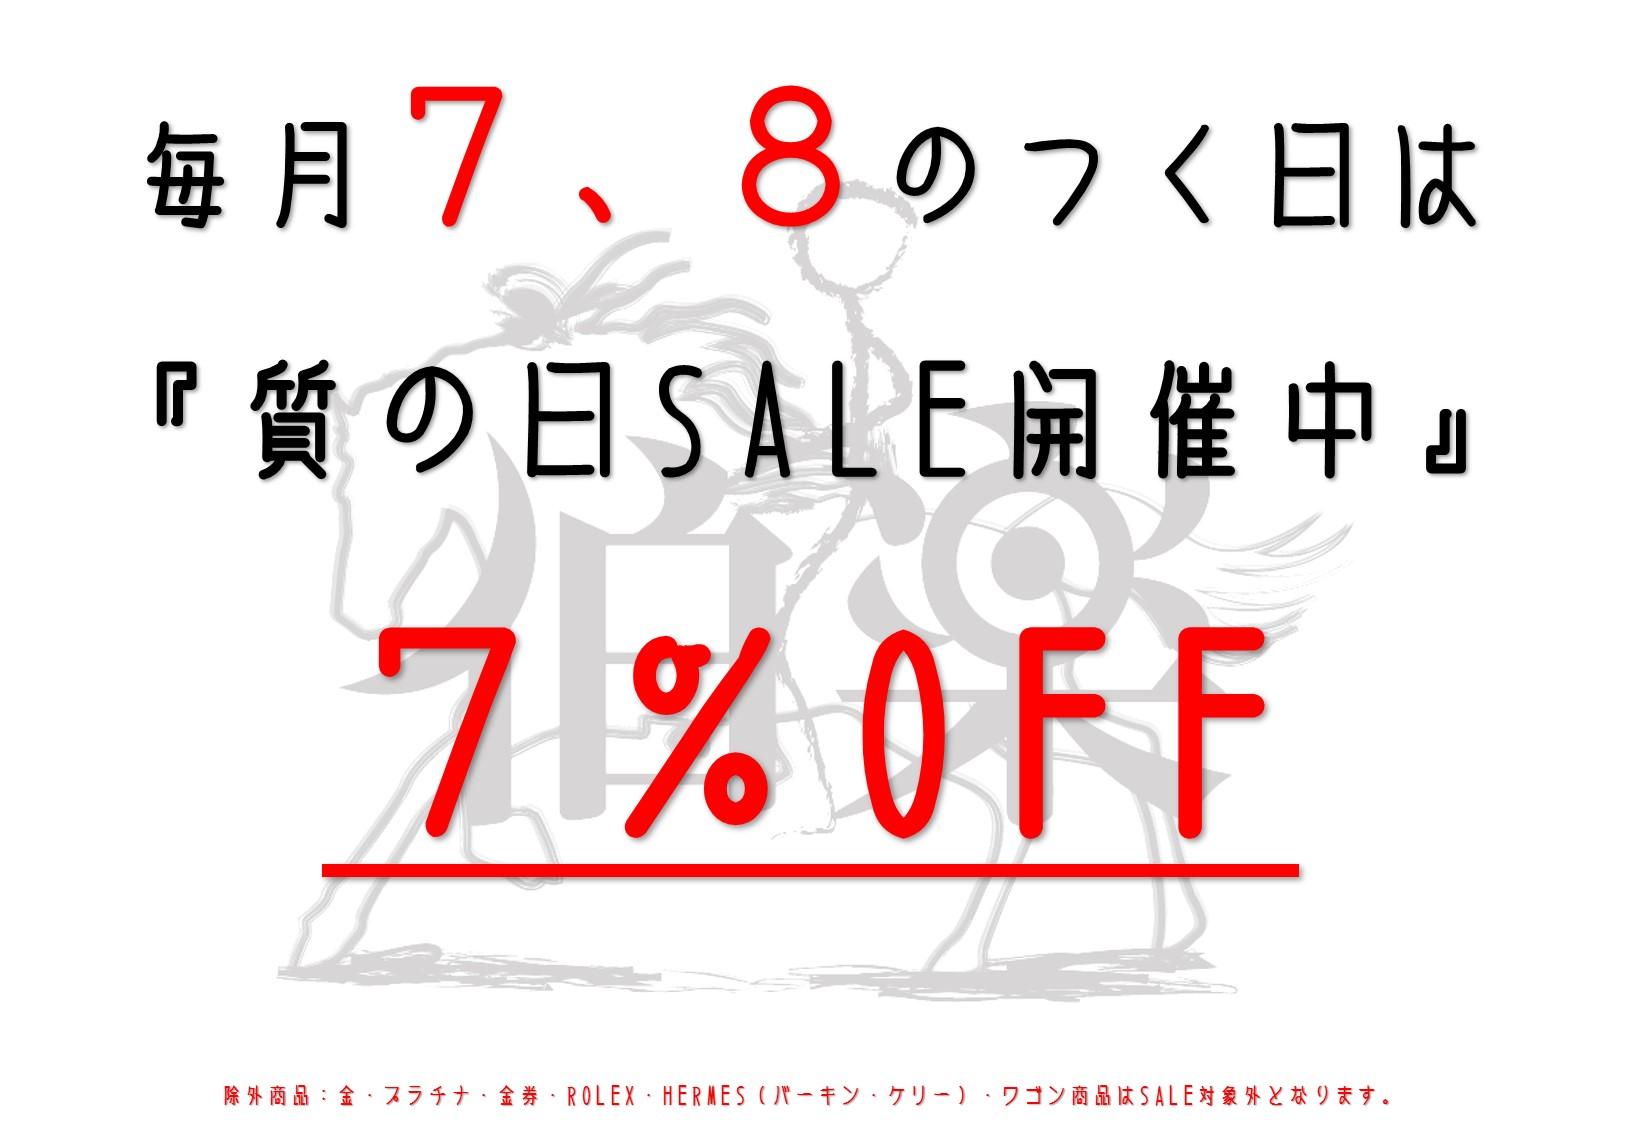 毎月7・8のつく日は質屋の日SALE!7%OFF